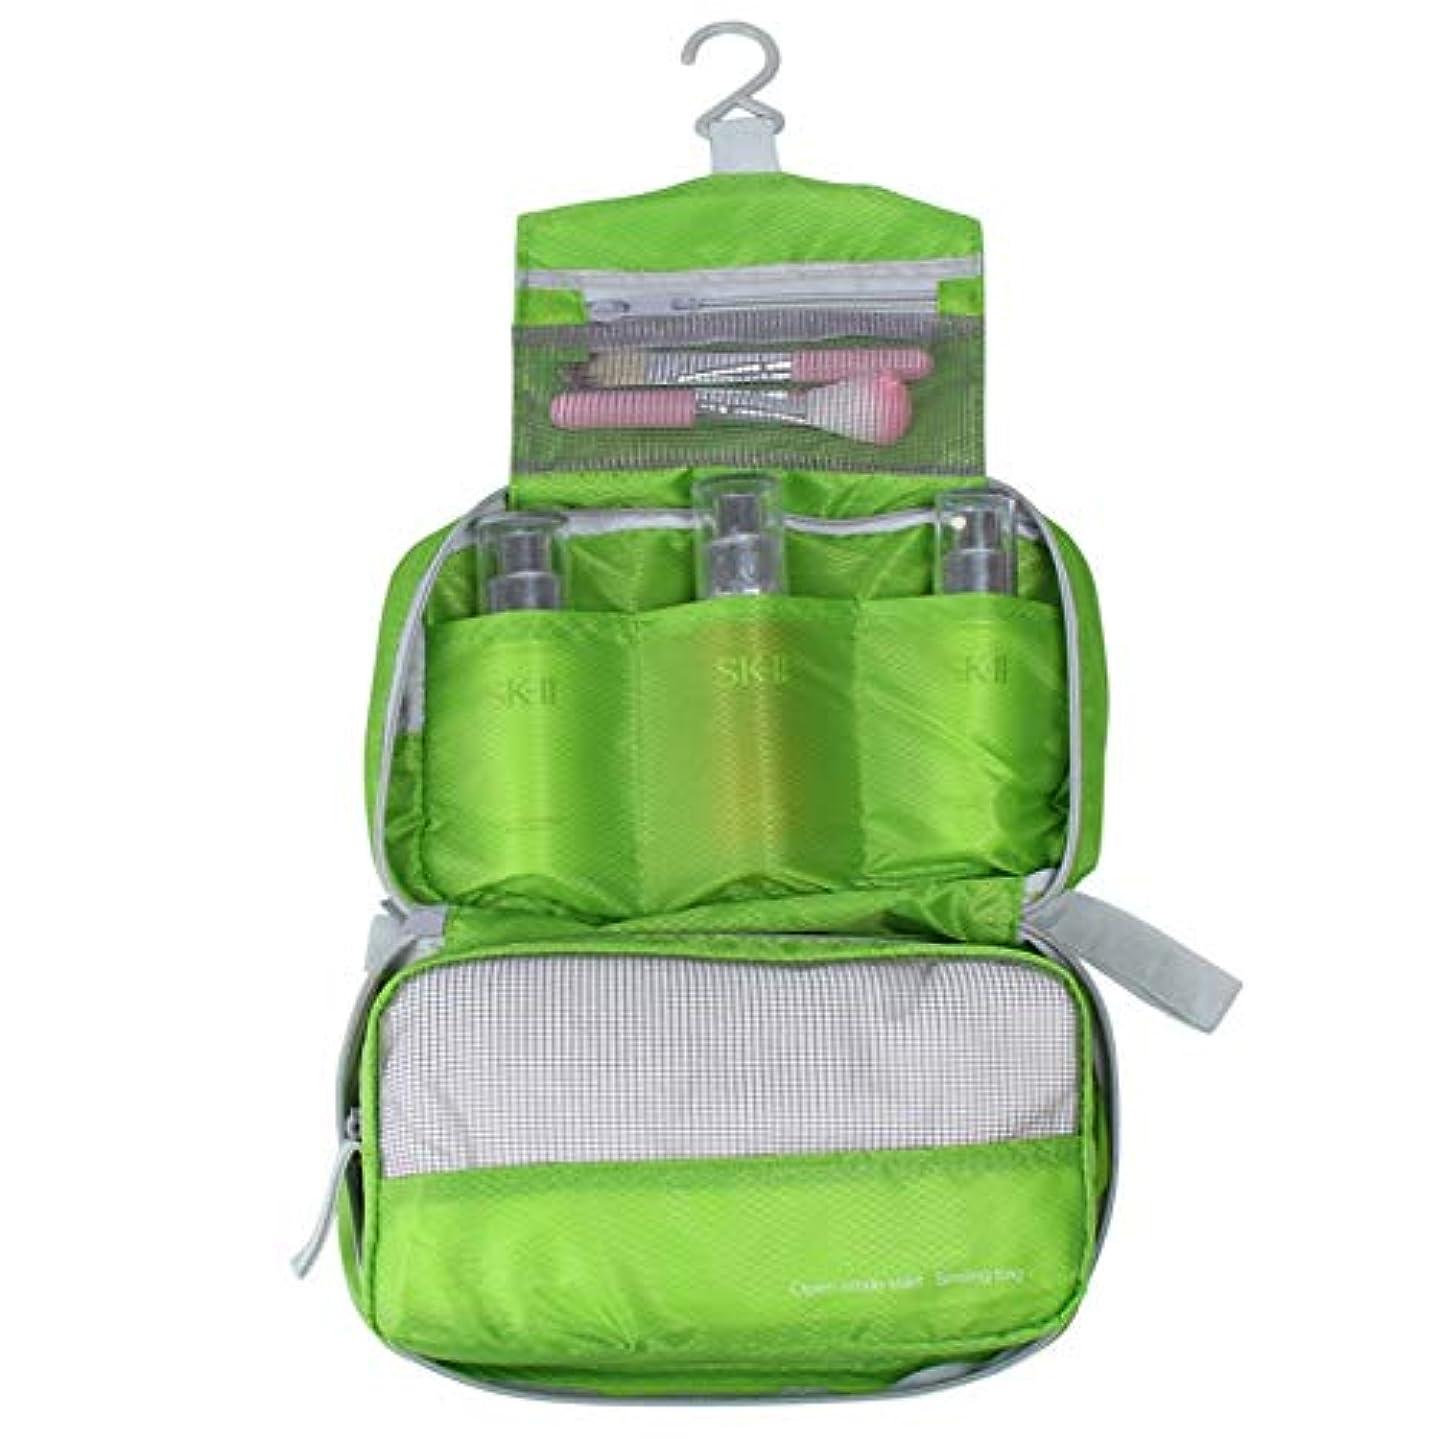 関与する冬代替化粧オーガナイザーバッグ 化粧品のバッグは、防水、ハンガー、旅行メッシュとジップコンパートメントのウォッシュバッグです。 化粧品ケース (色 : 緑)